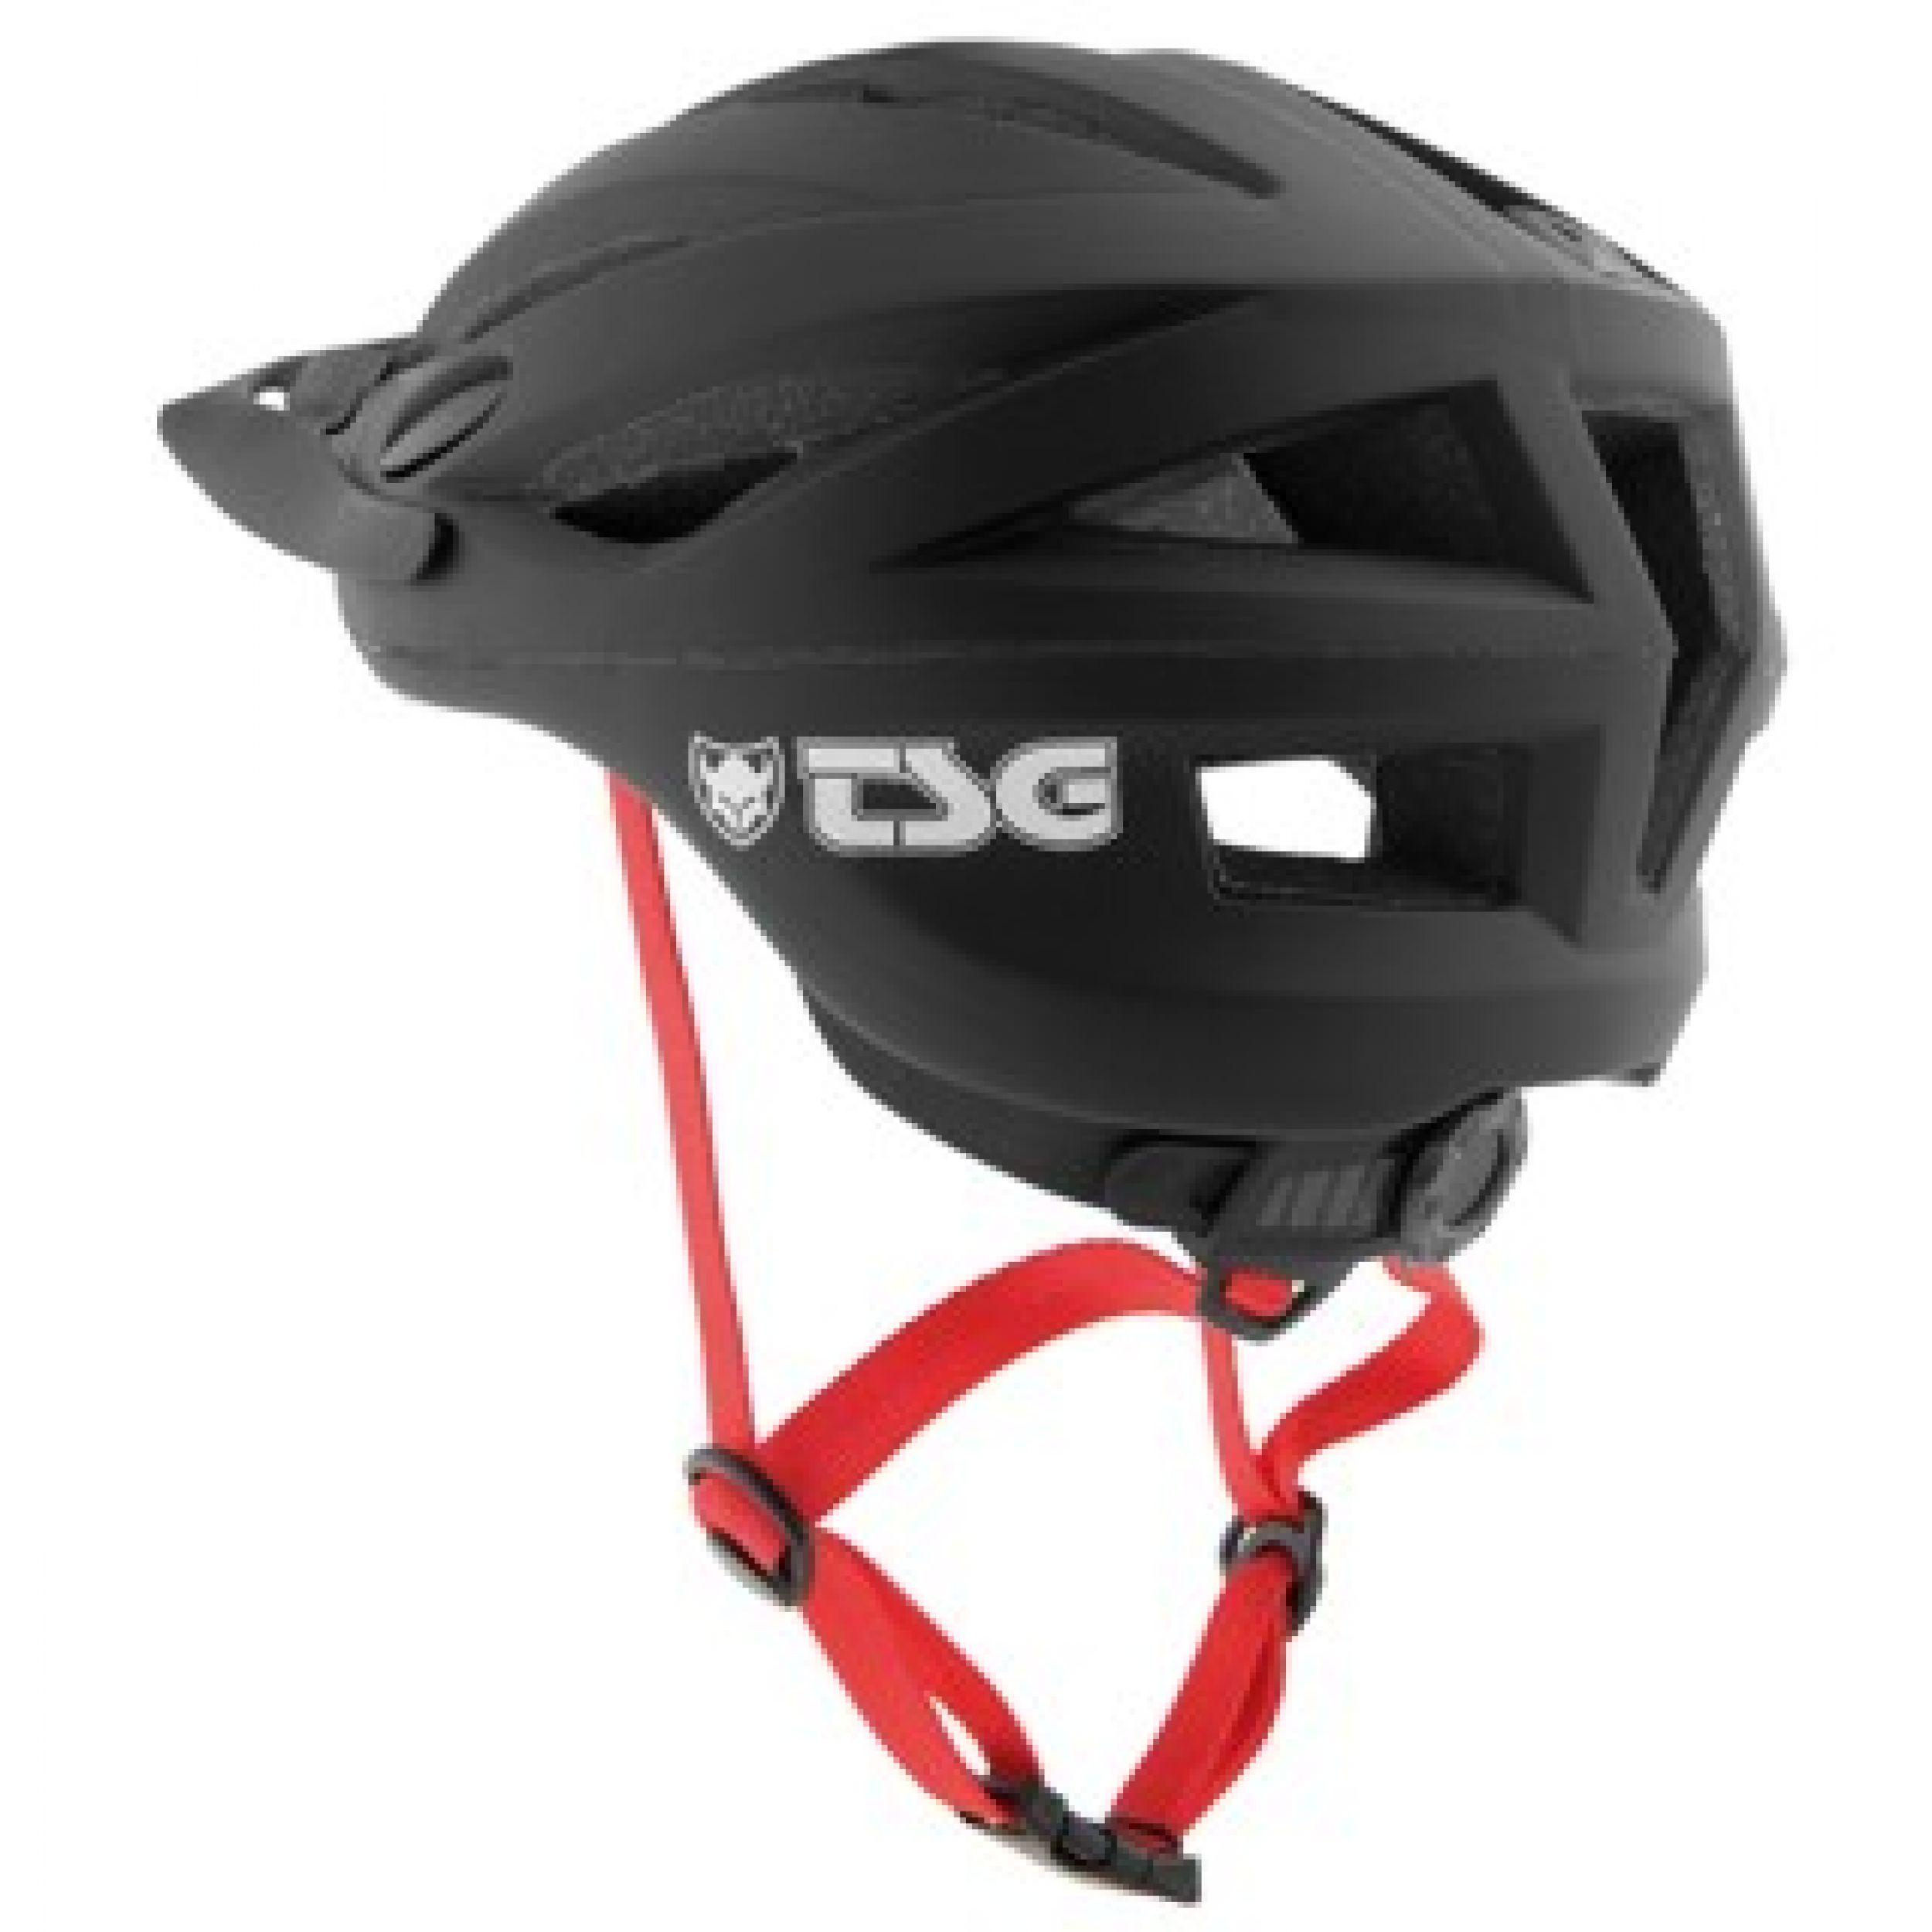 Road_Helmet1.jpg